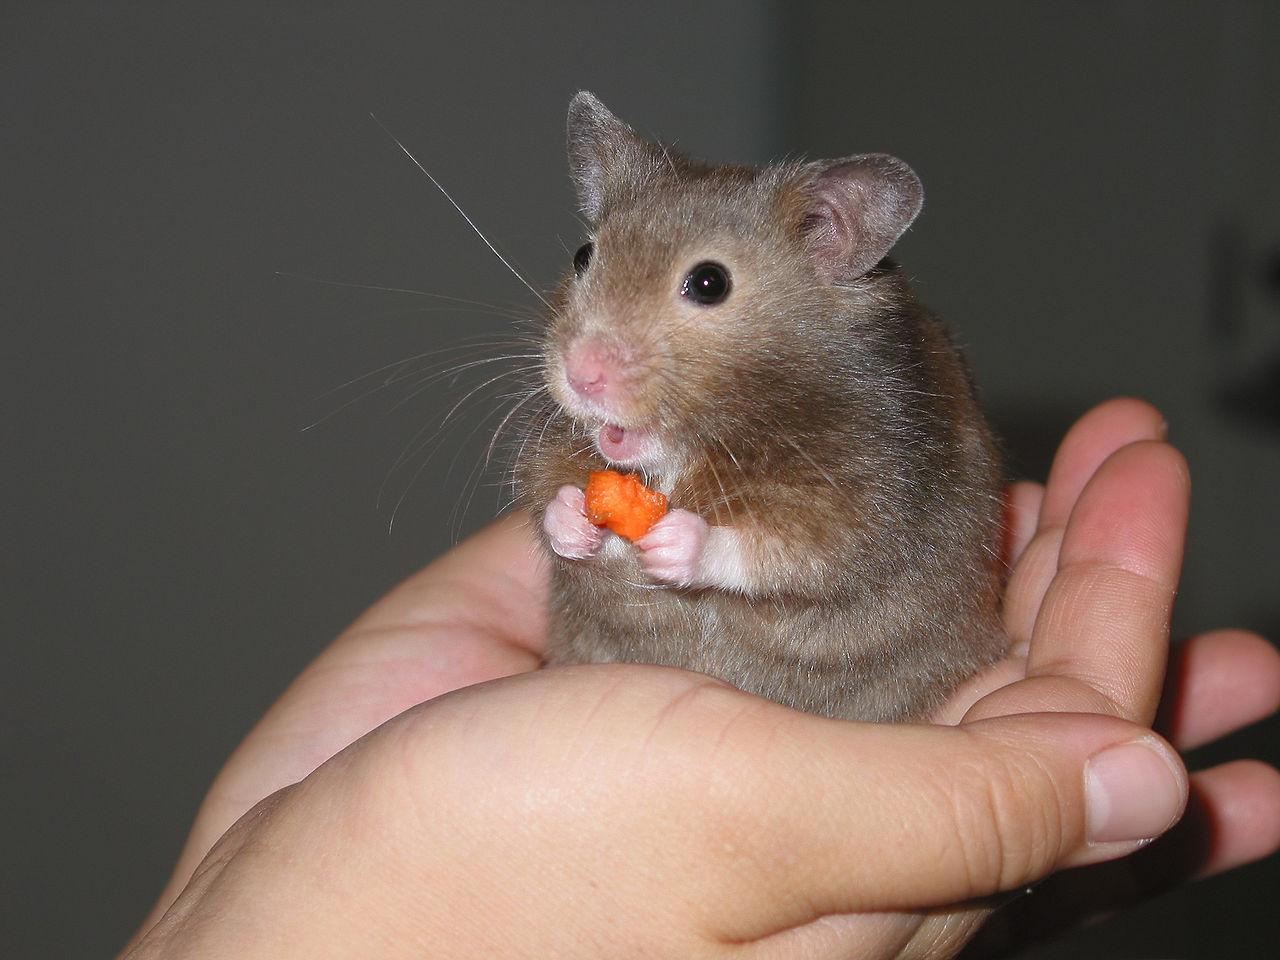 Hamsterx.com